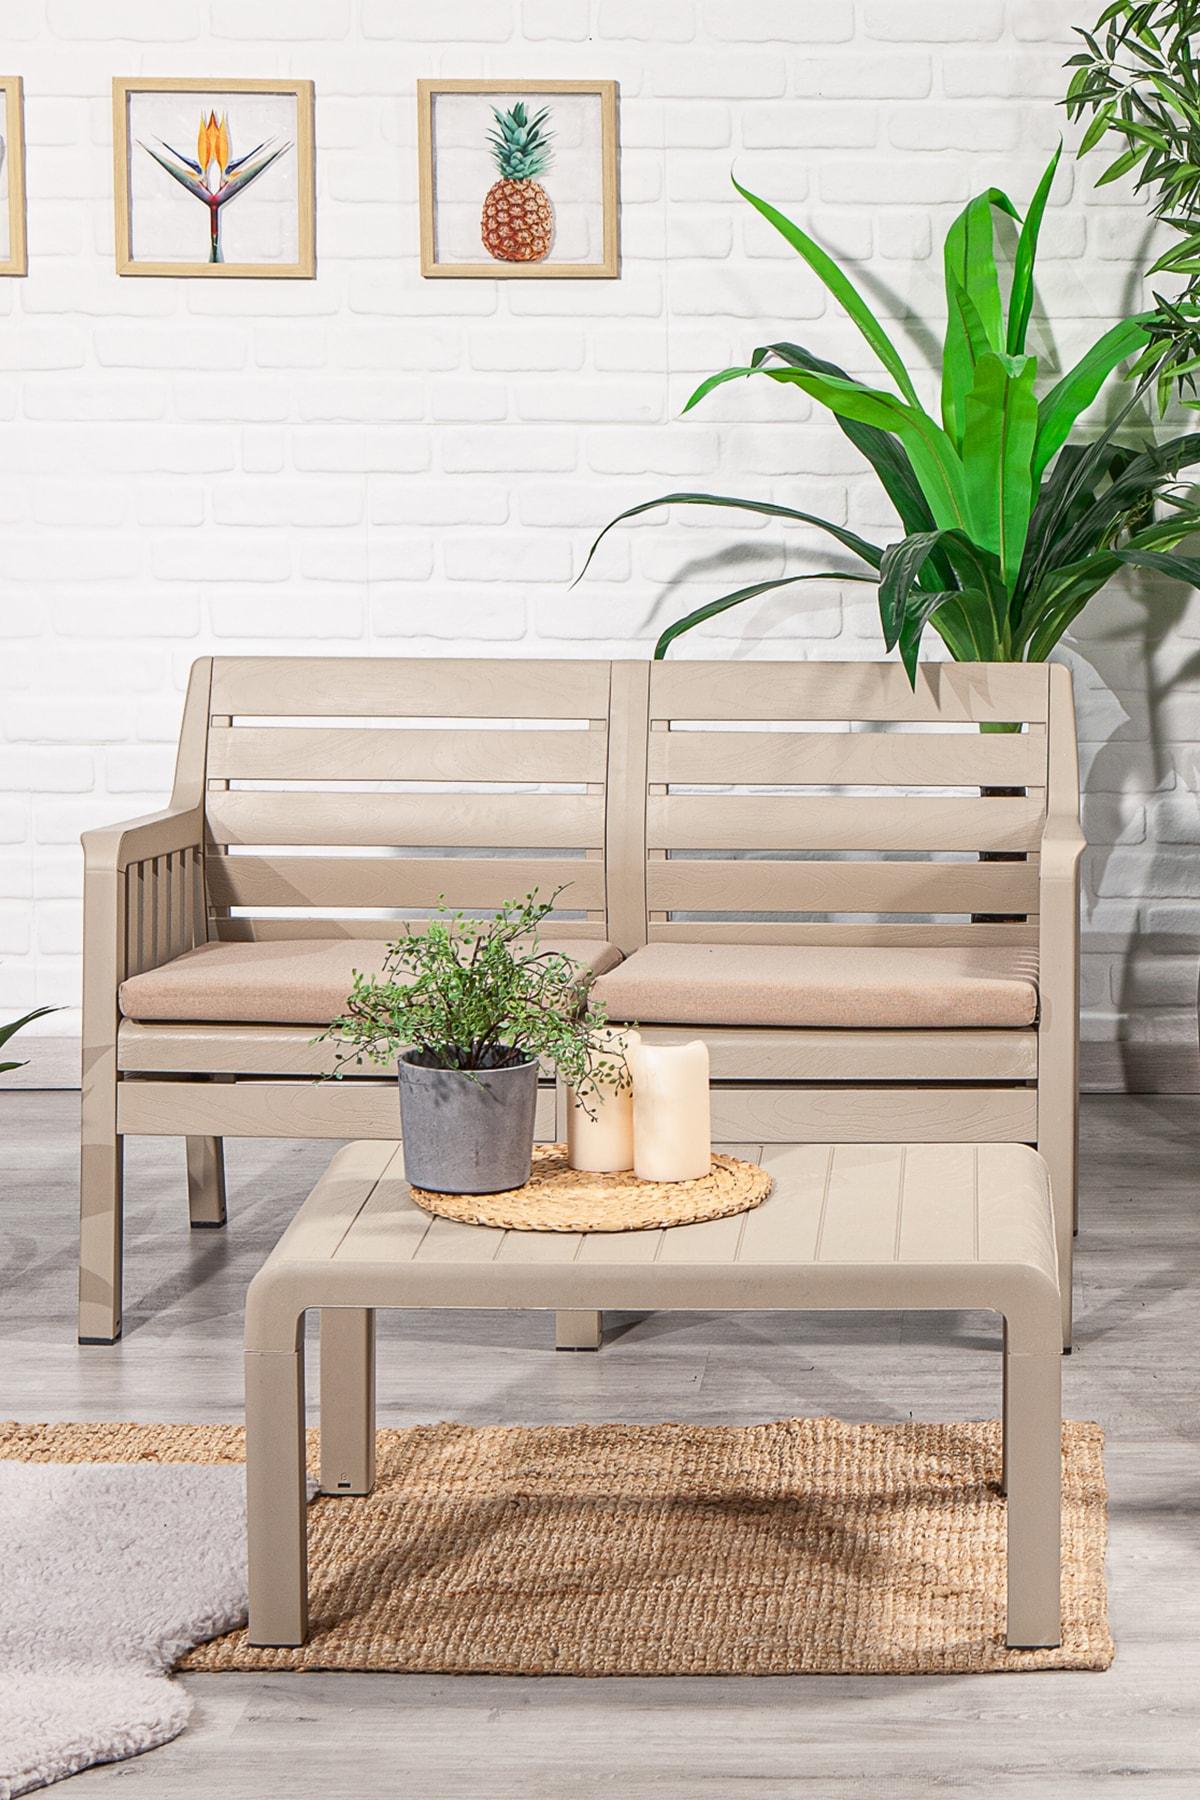 SANDALİE Lara 2 1 1 S Balkon&teras Bahçe Mobilyası / Cappucino 2